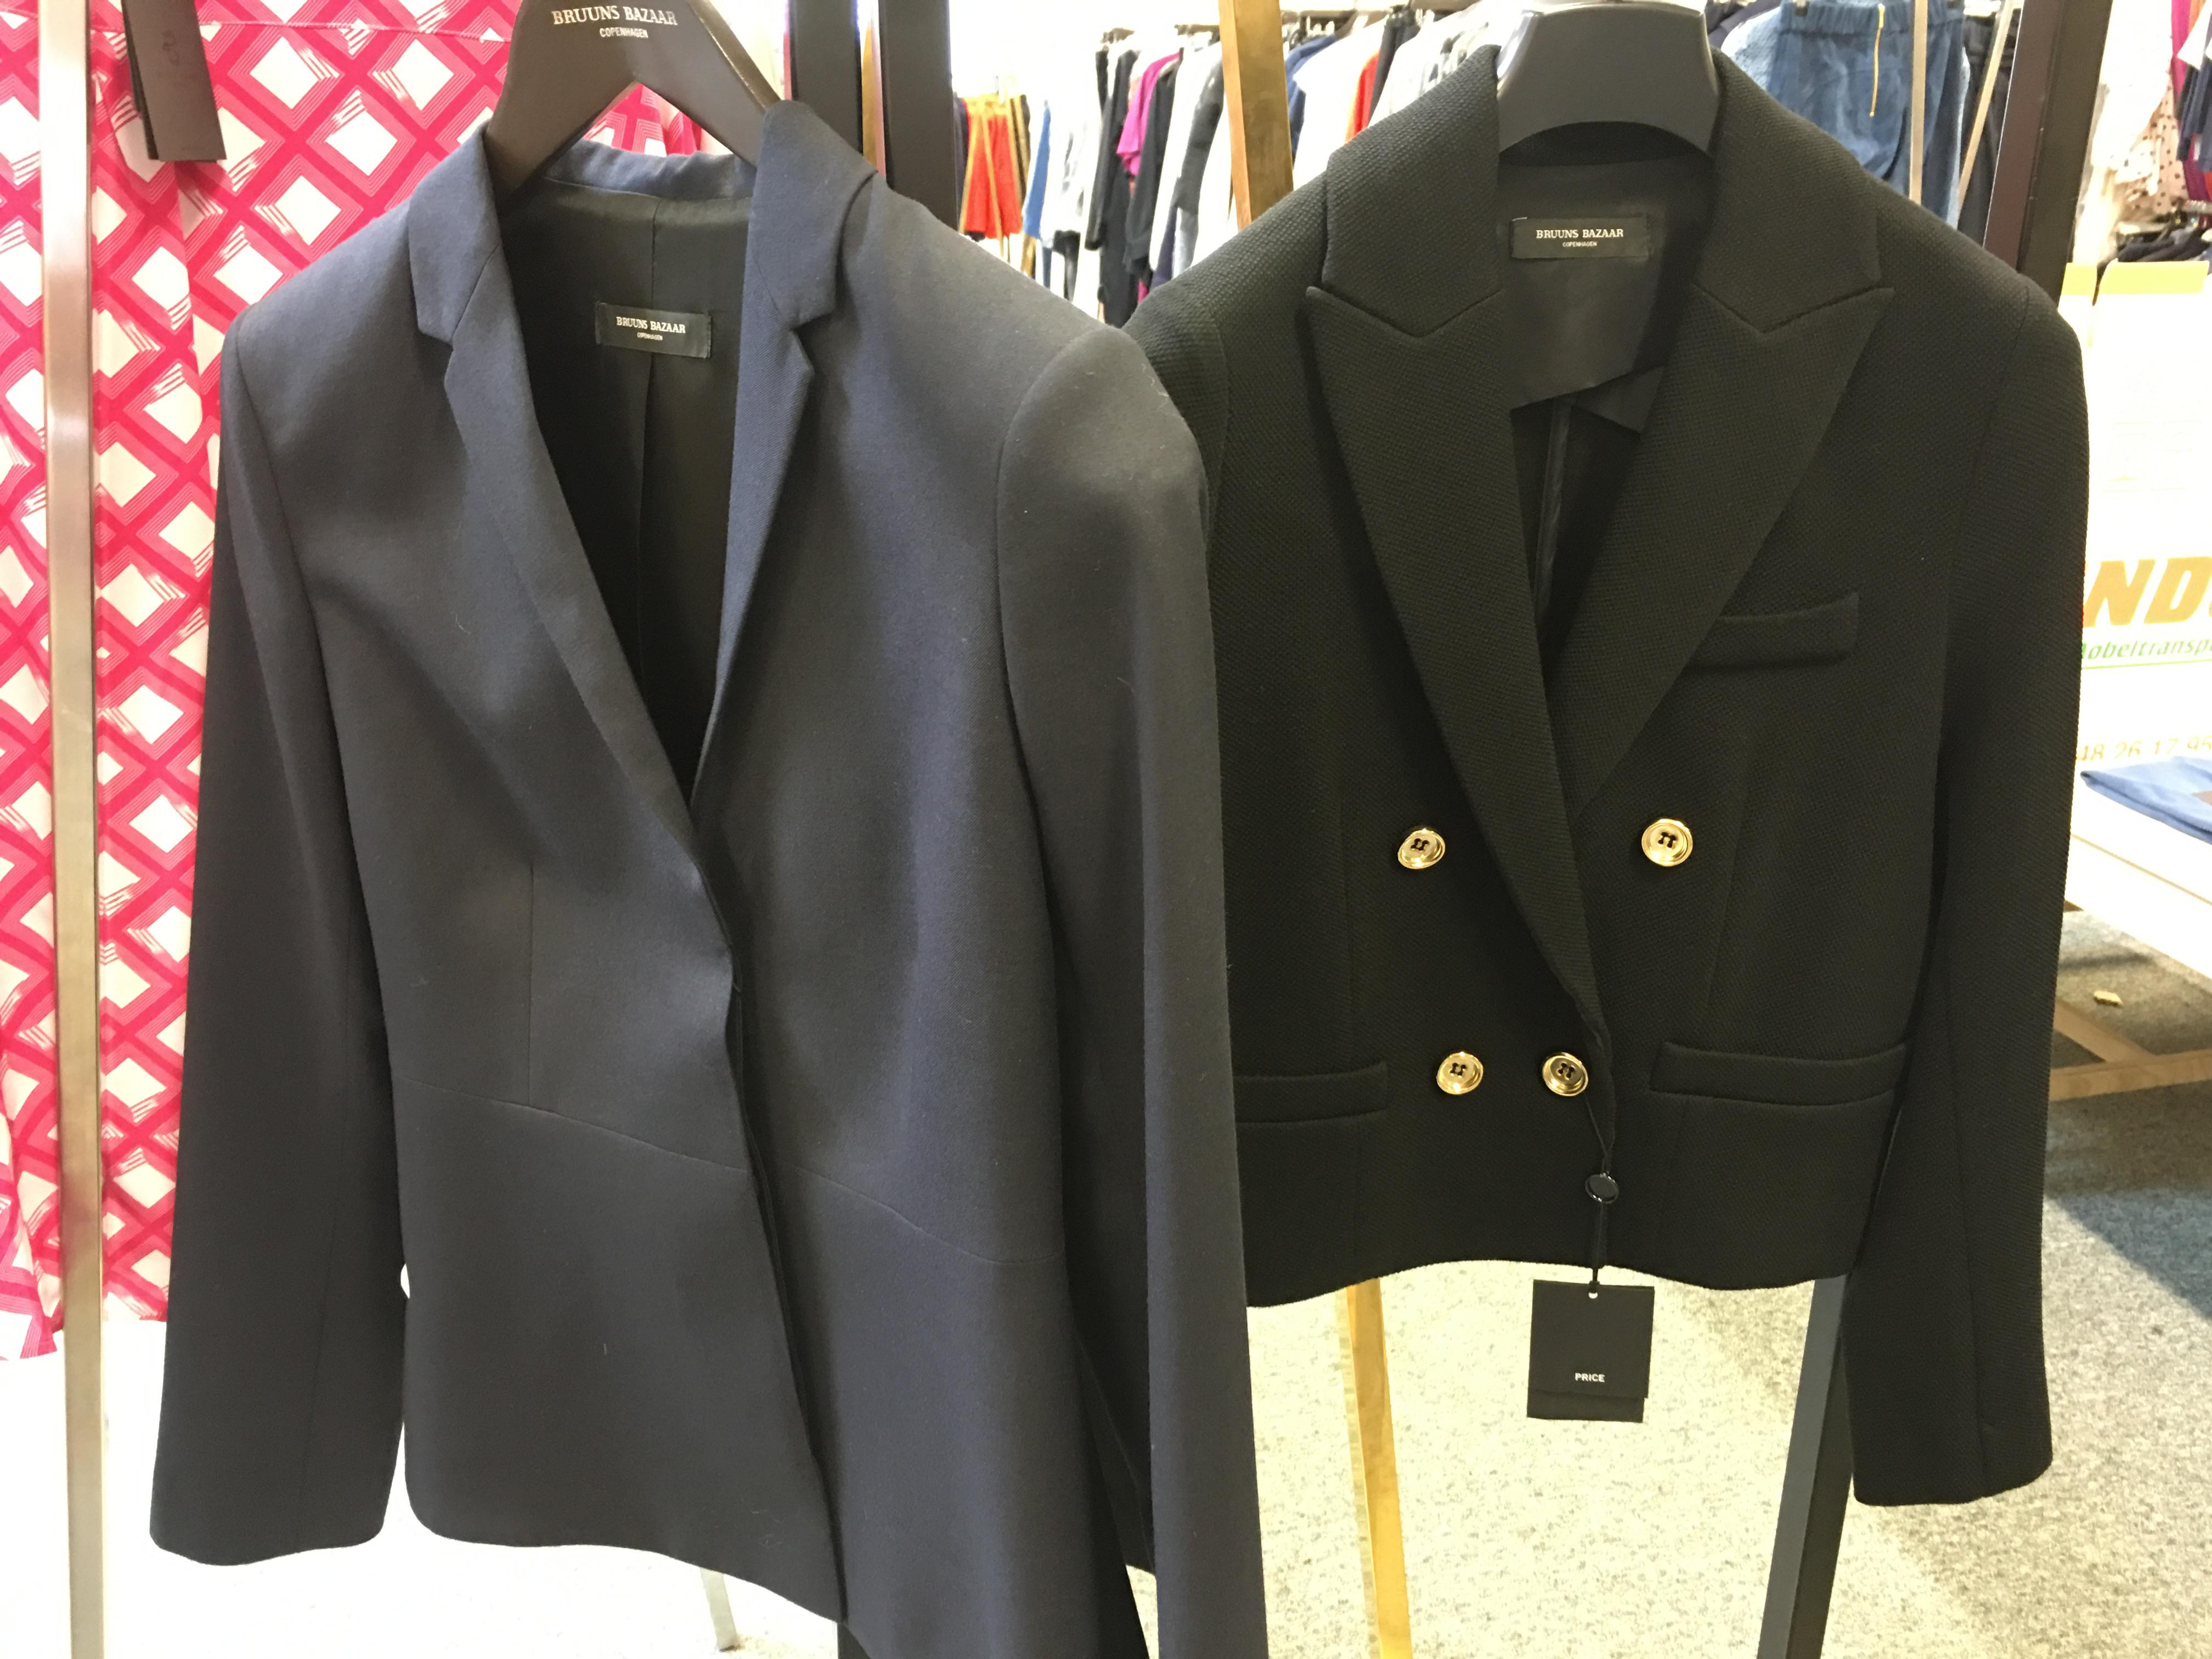 Er helt vild med den sorte jakke til højre, og den sad bare perfekt, og så er den klassisk, og minder lidt om Chanel, så den kunne jeg bruge i mange år, men synes ikke lige budgettet var til at købe den, normal pris 2.600,- så den koster 1.300,-